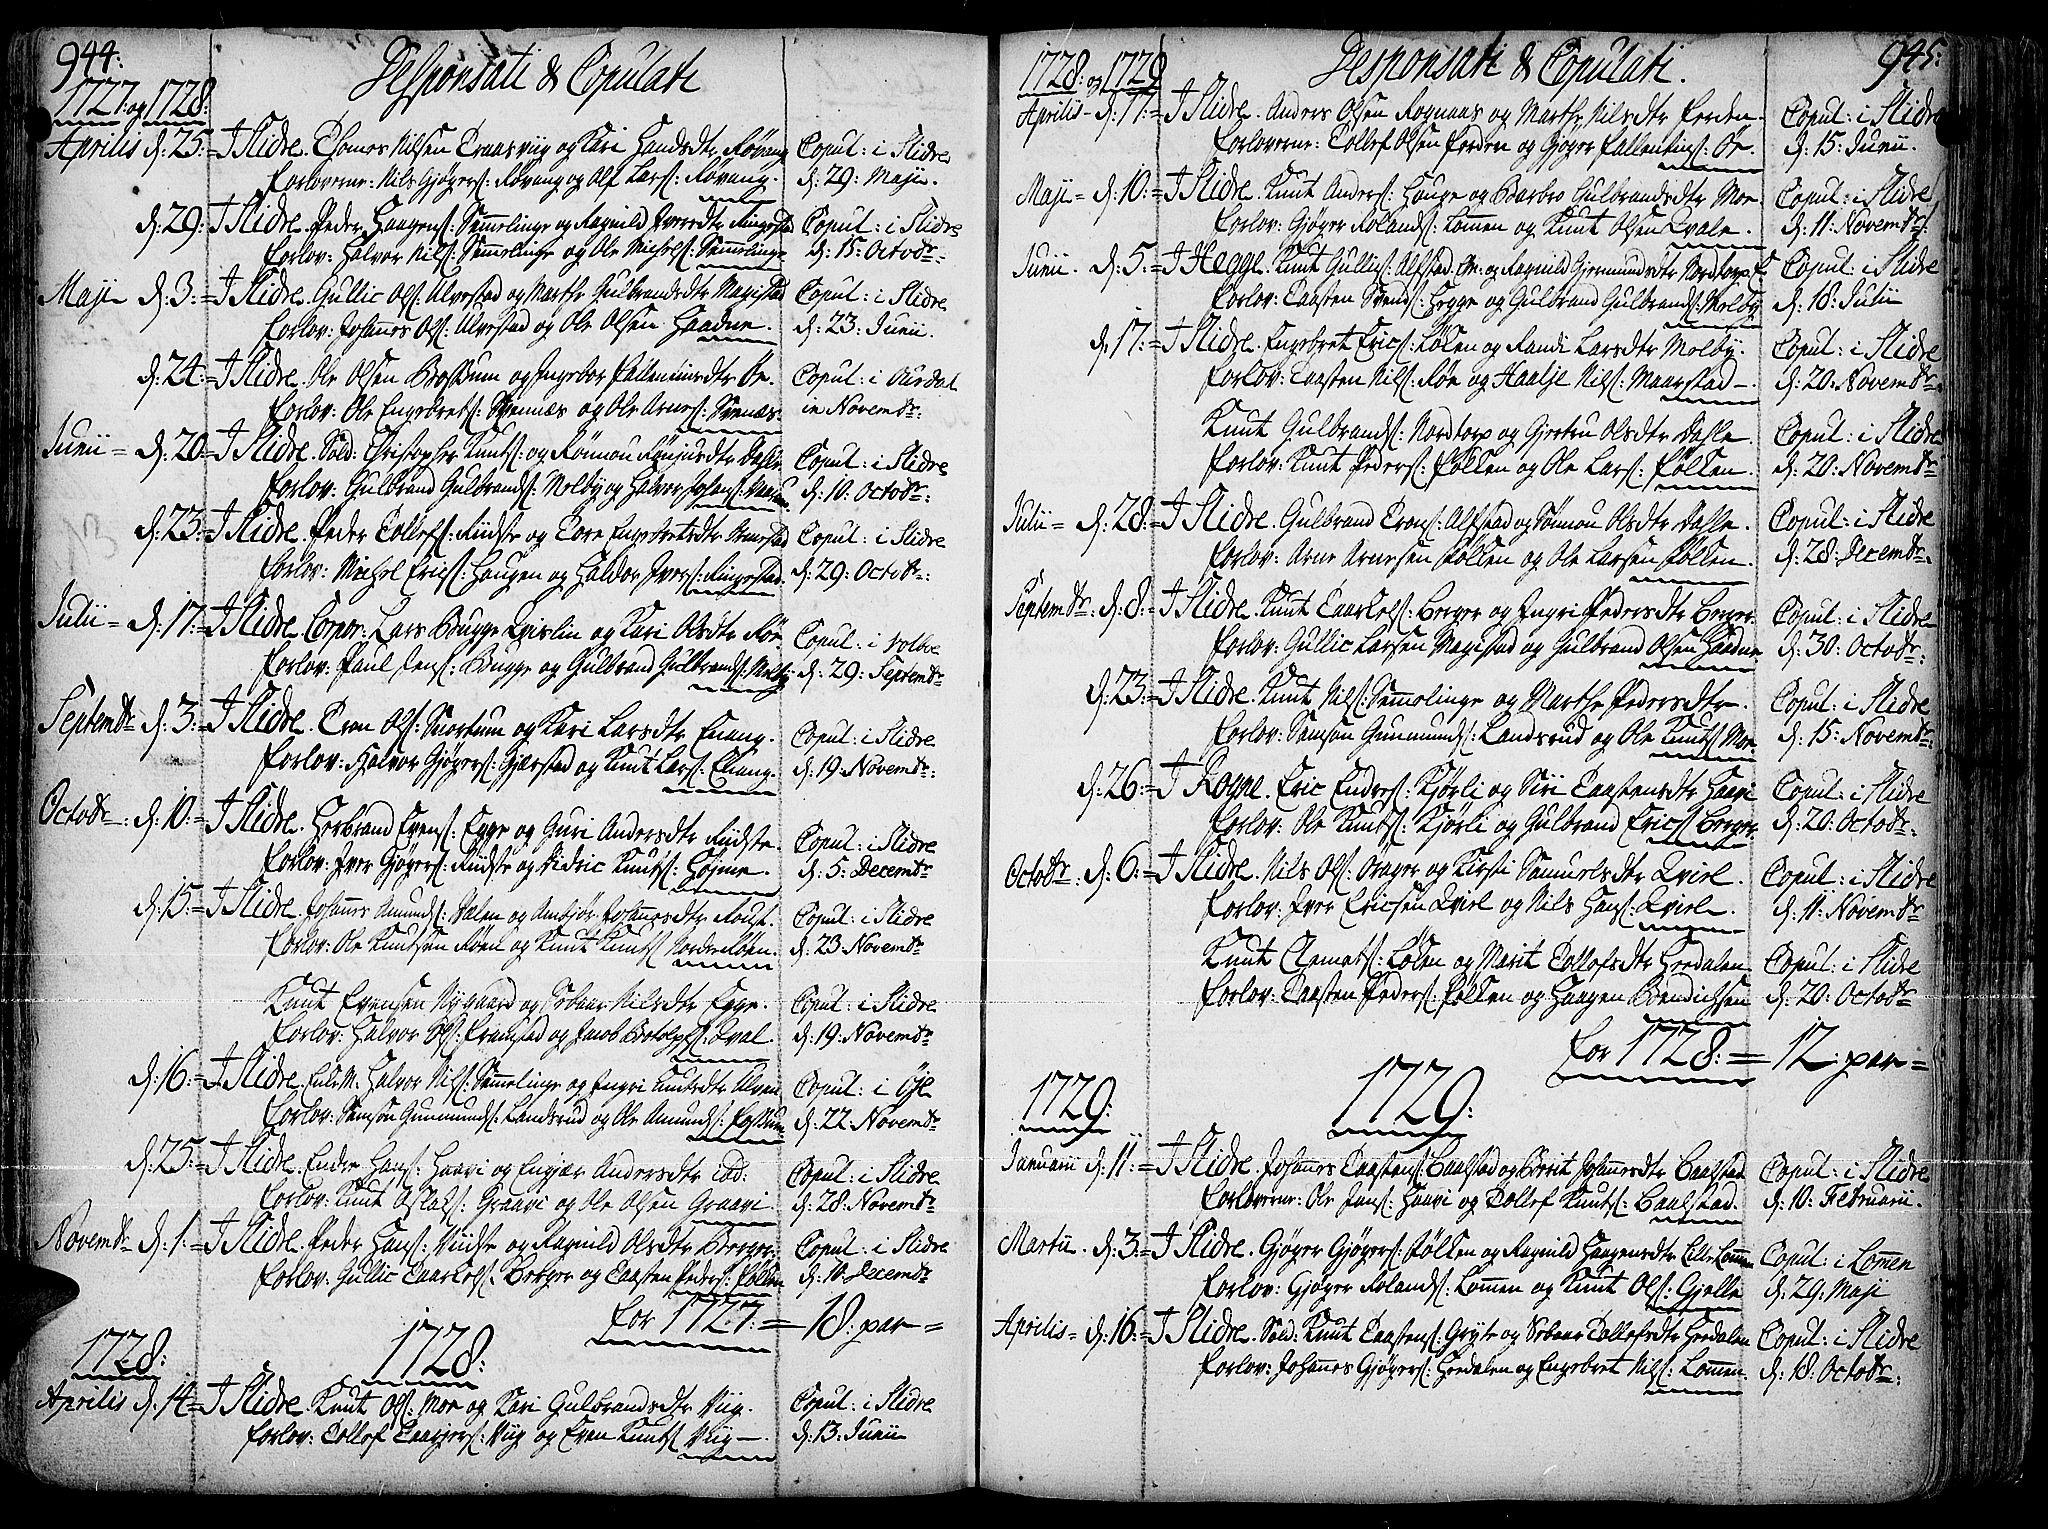 SAH, Slidre prestekontor, Ministerialbok nr. 1, 1724-1814, s. 944-945